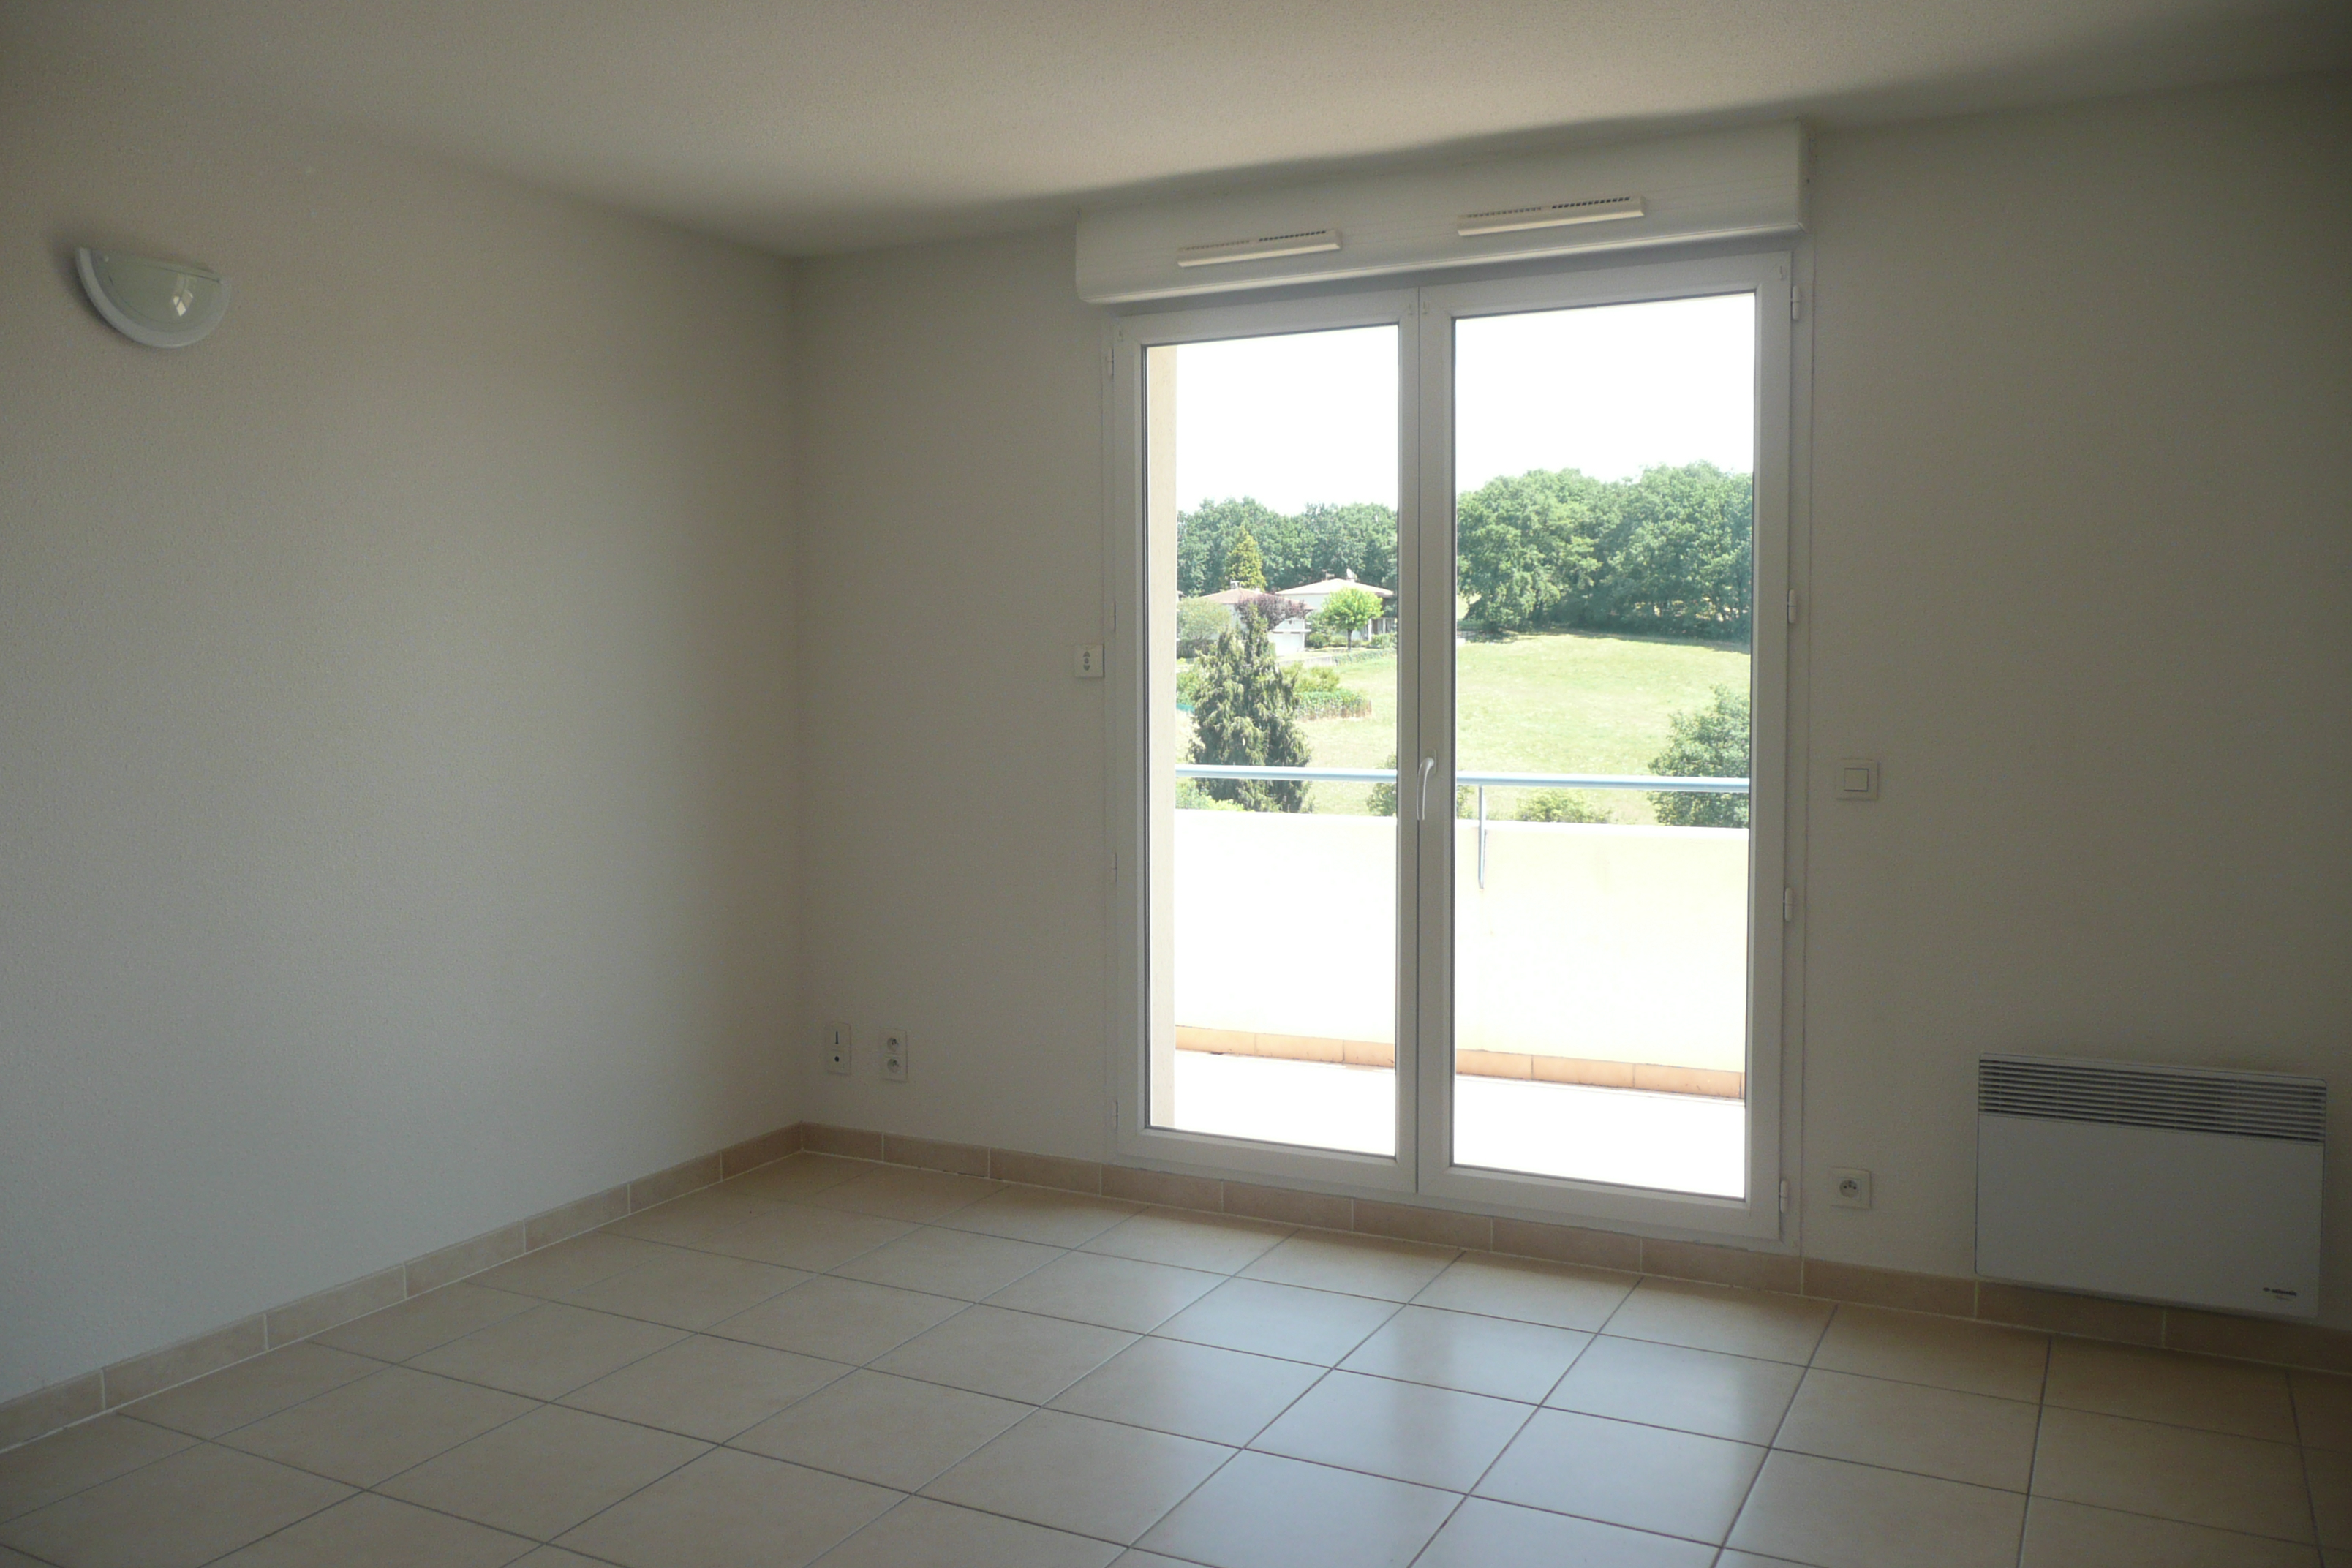 Appartement T2 dans résidence à louer à Figeac